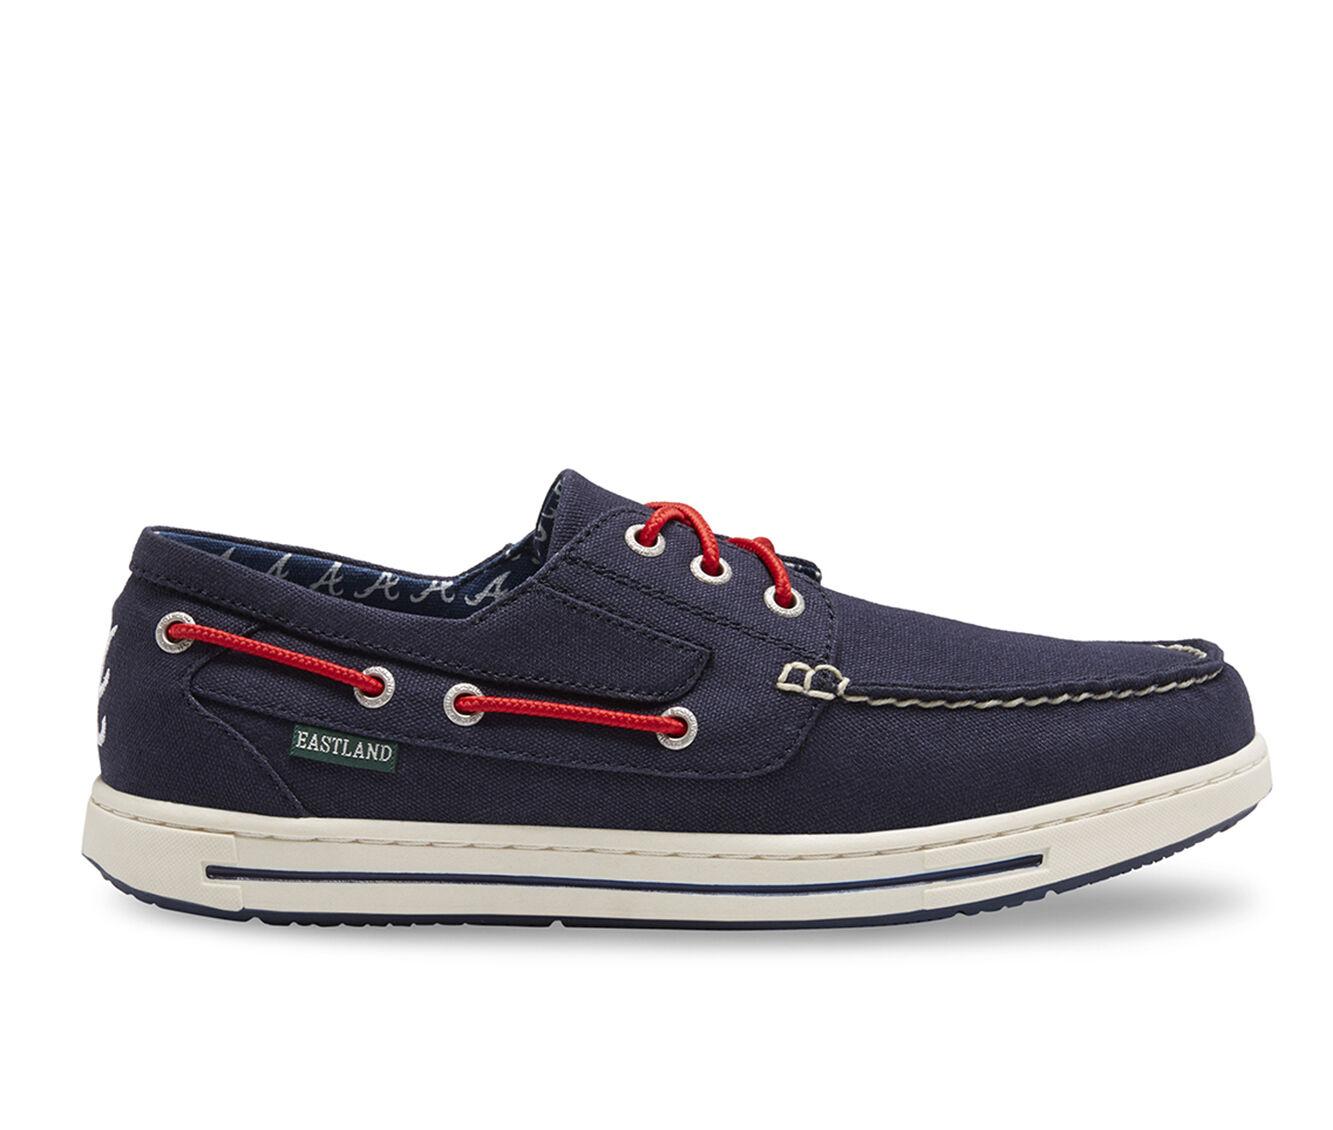 Men's Eastland Adventure MLB Braves Boat Shoes Blue